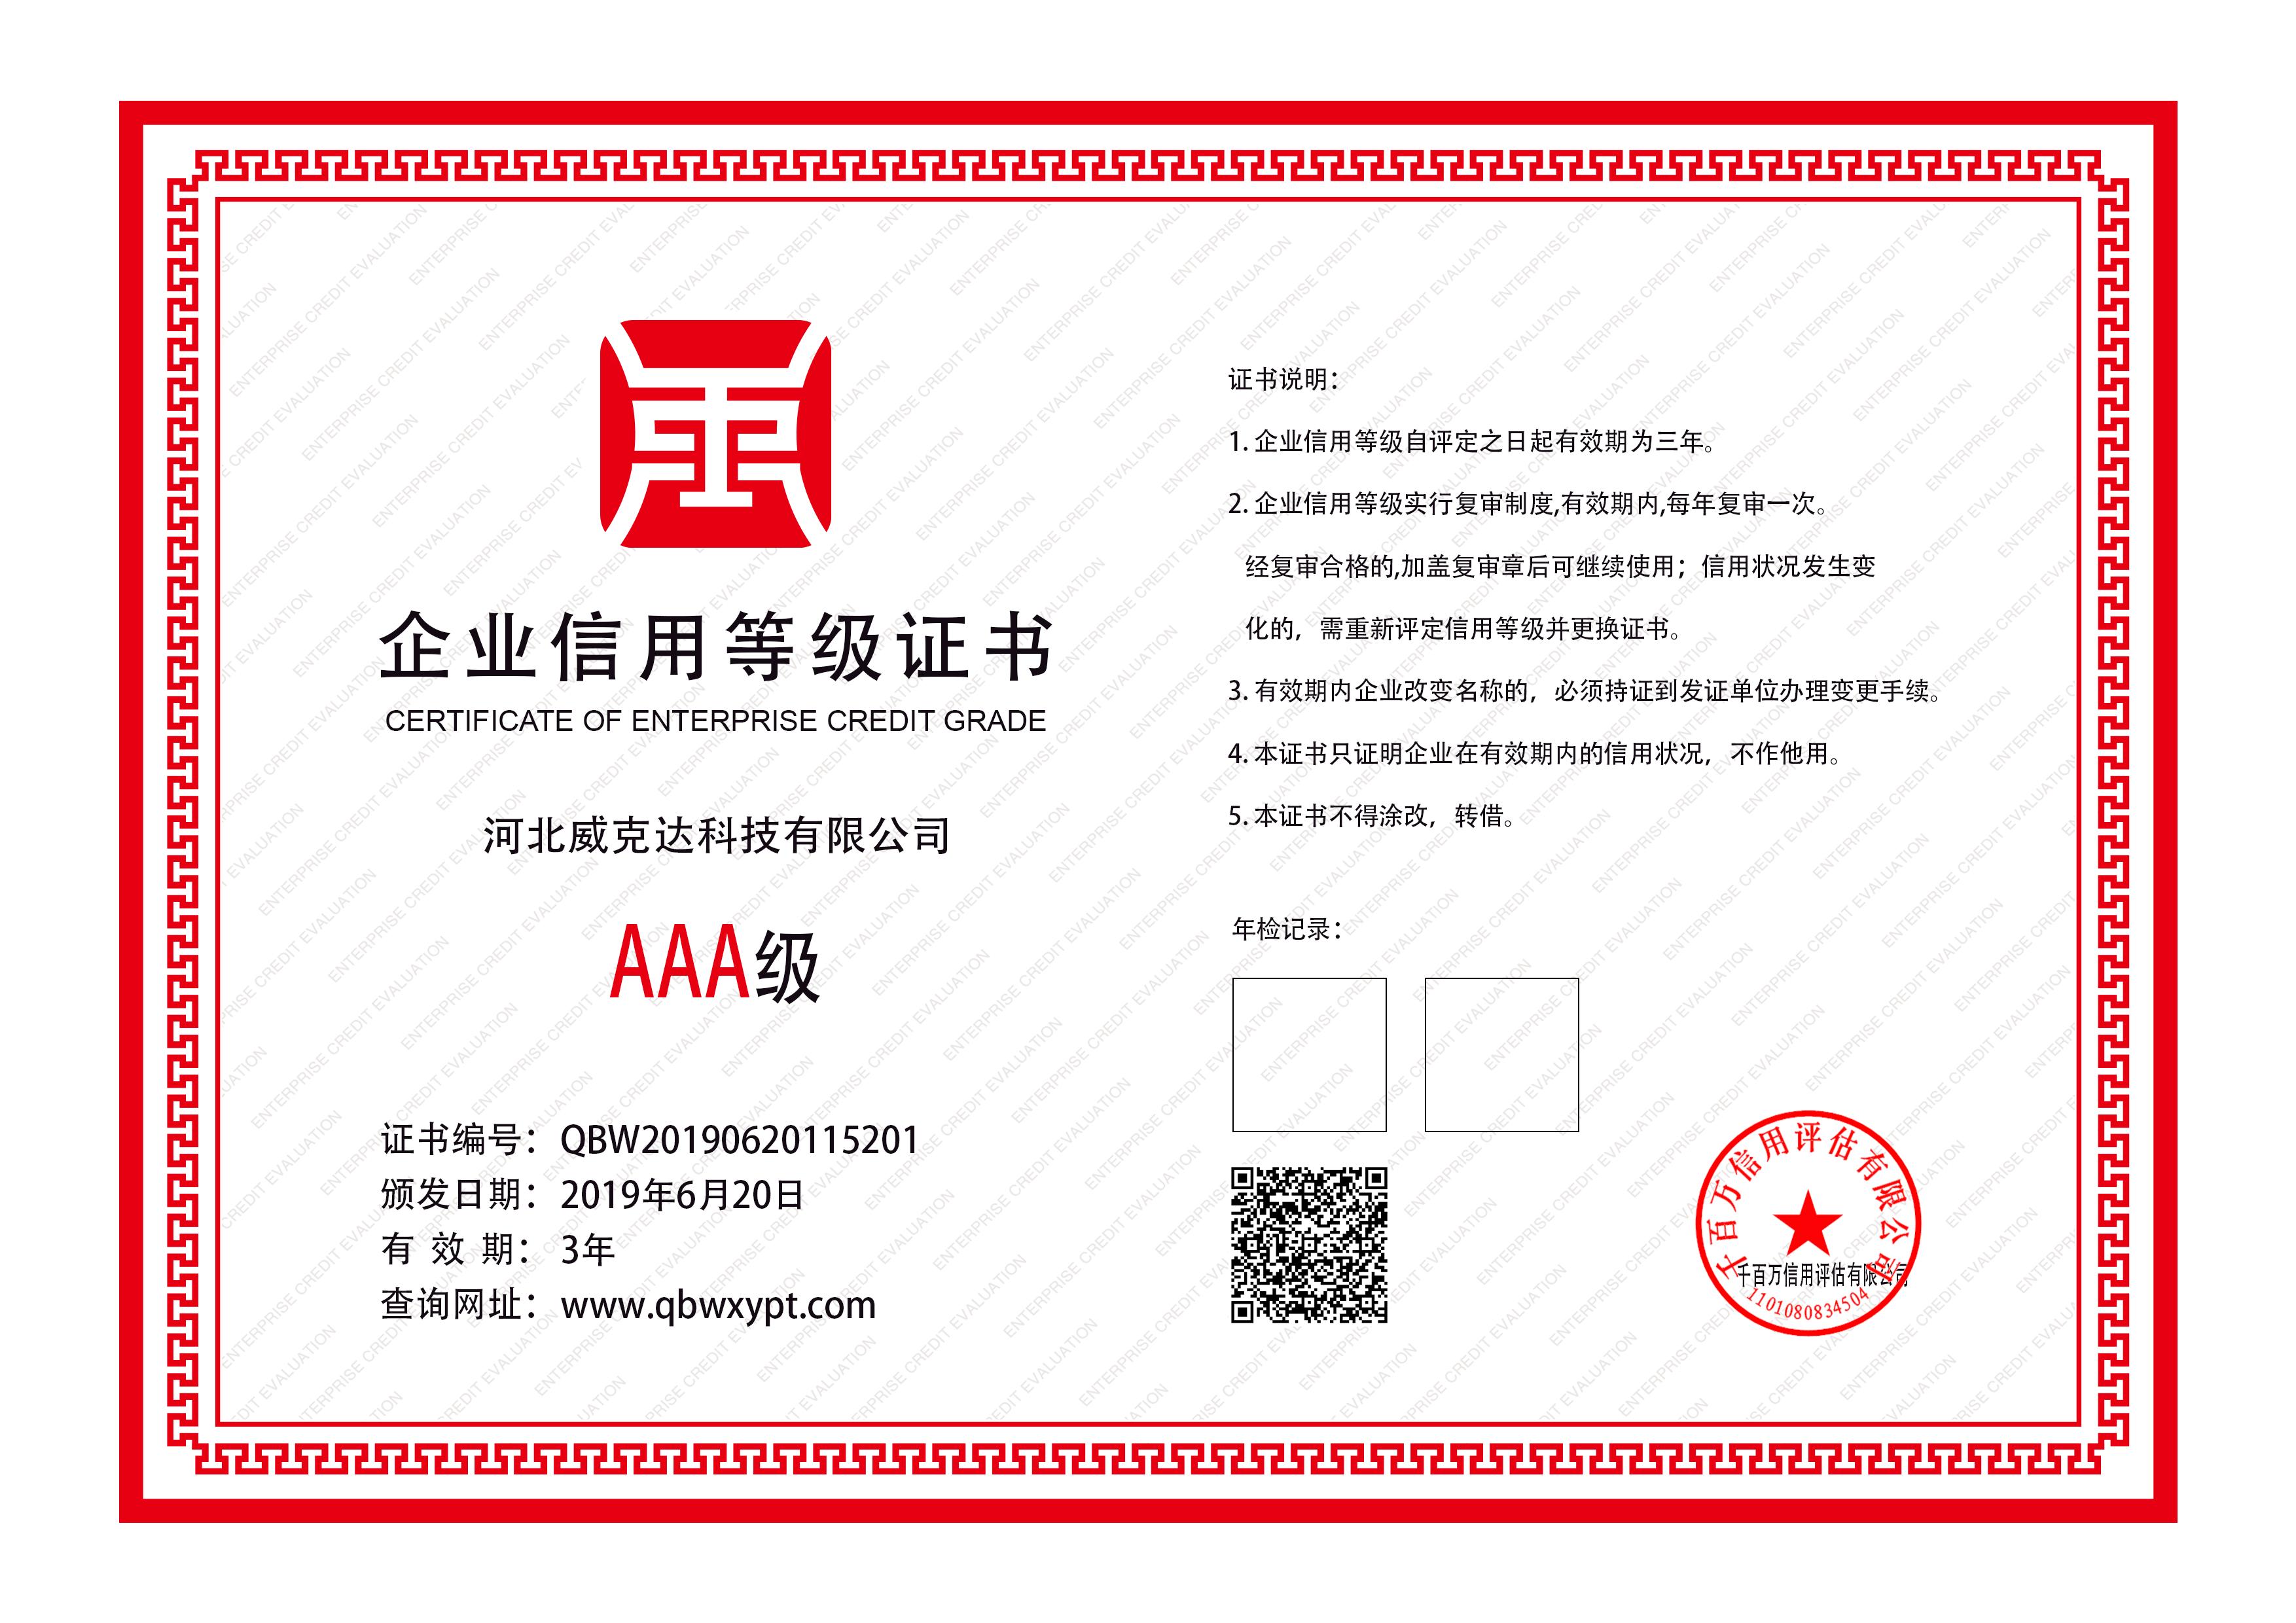 河北威克达科技有限公司-企业信用等级证书